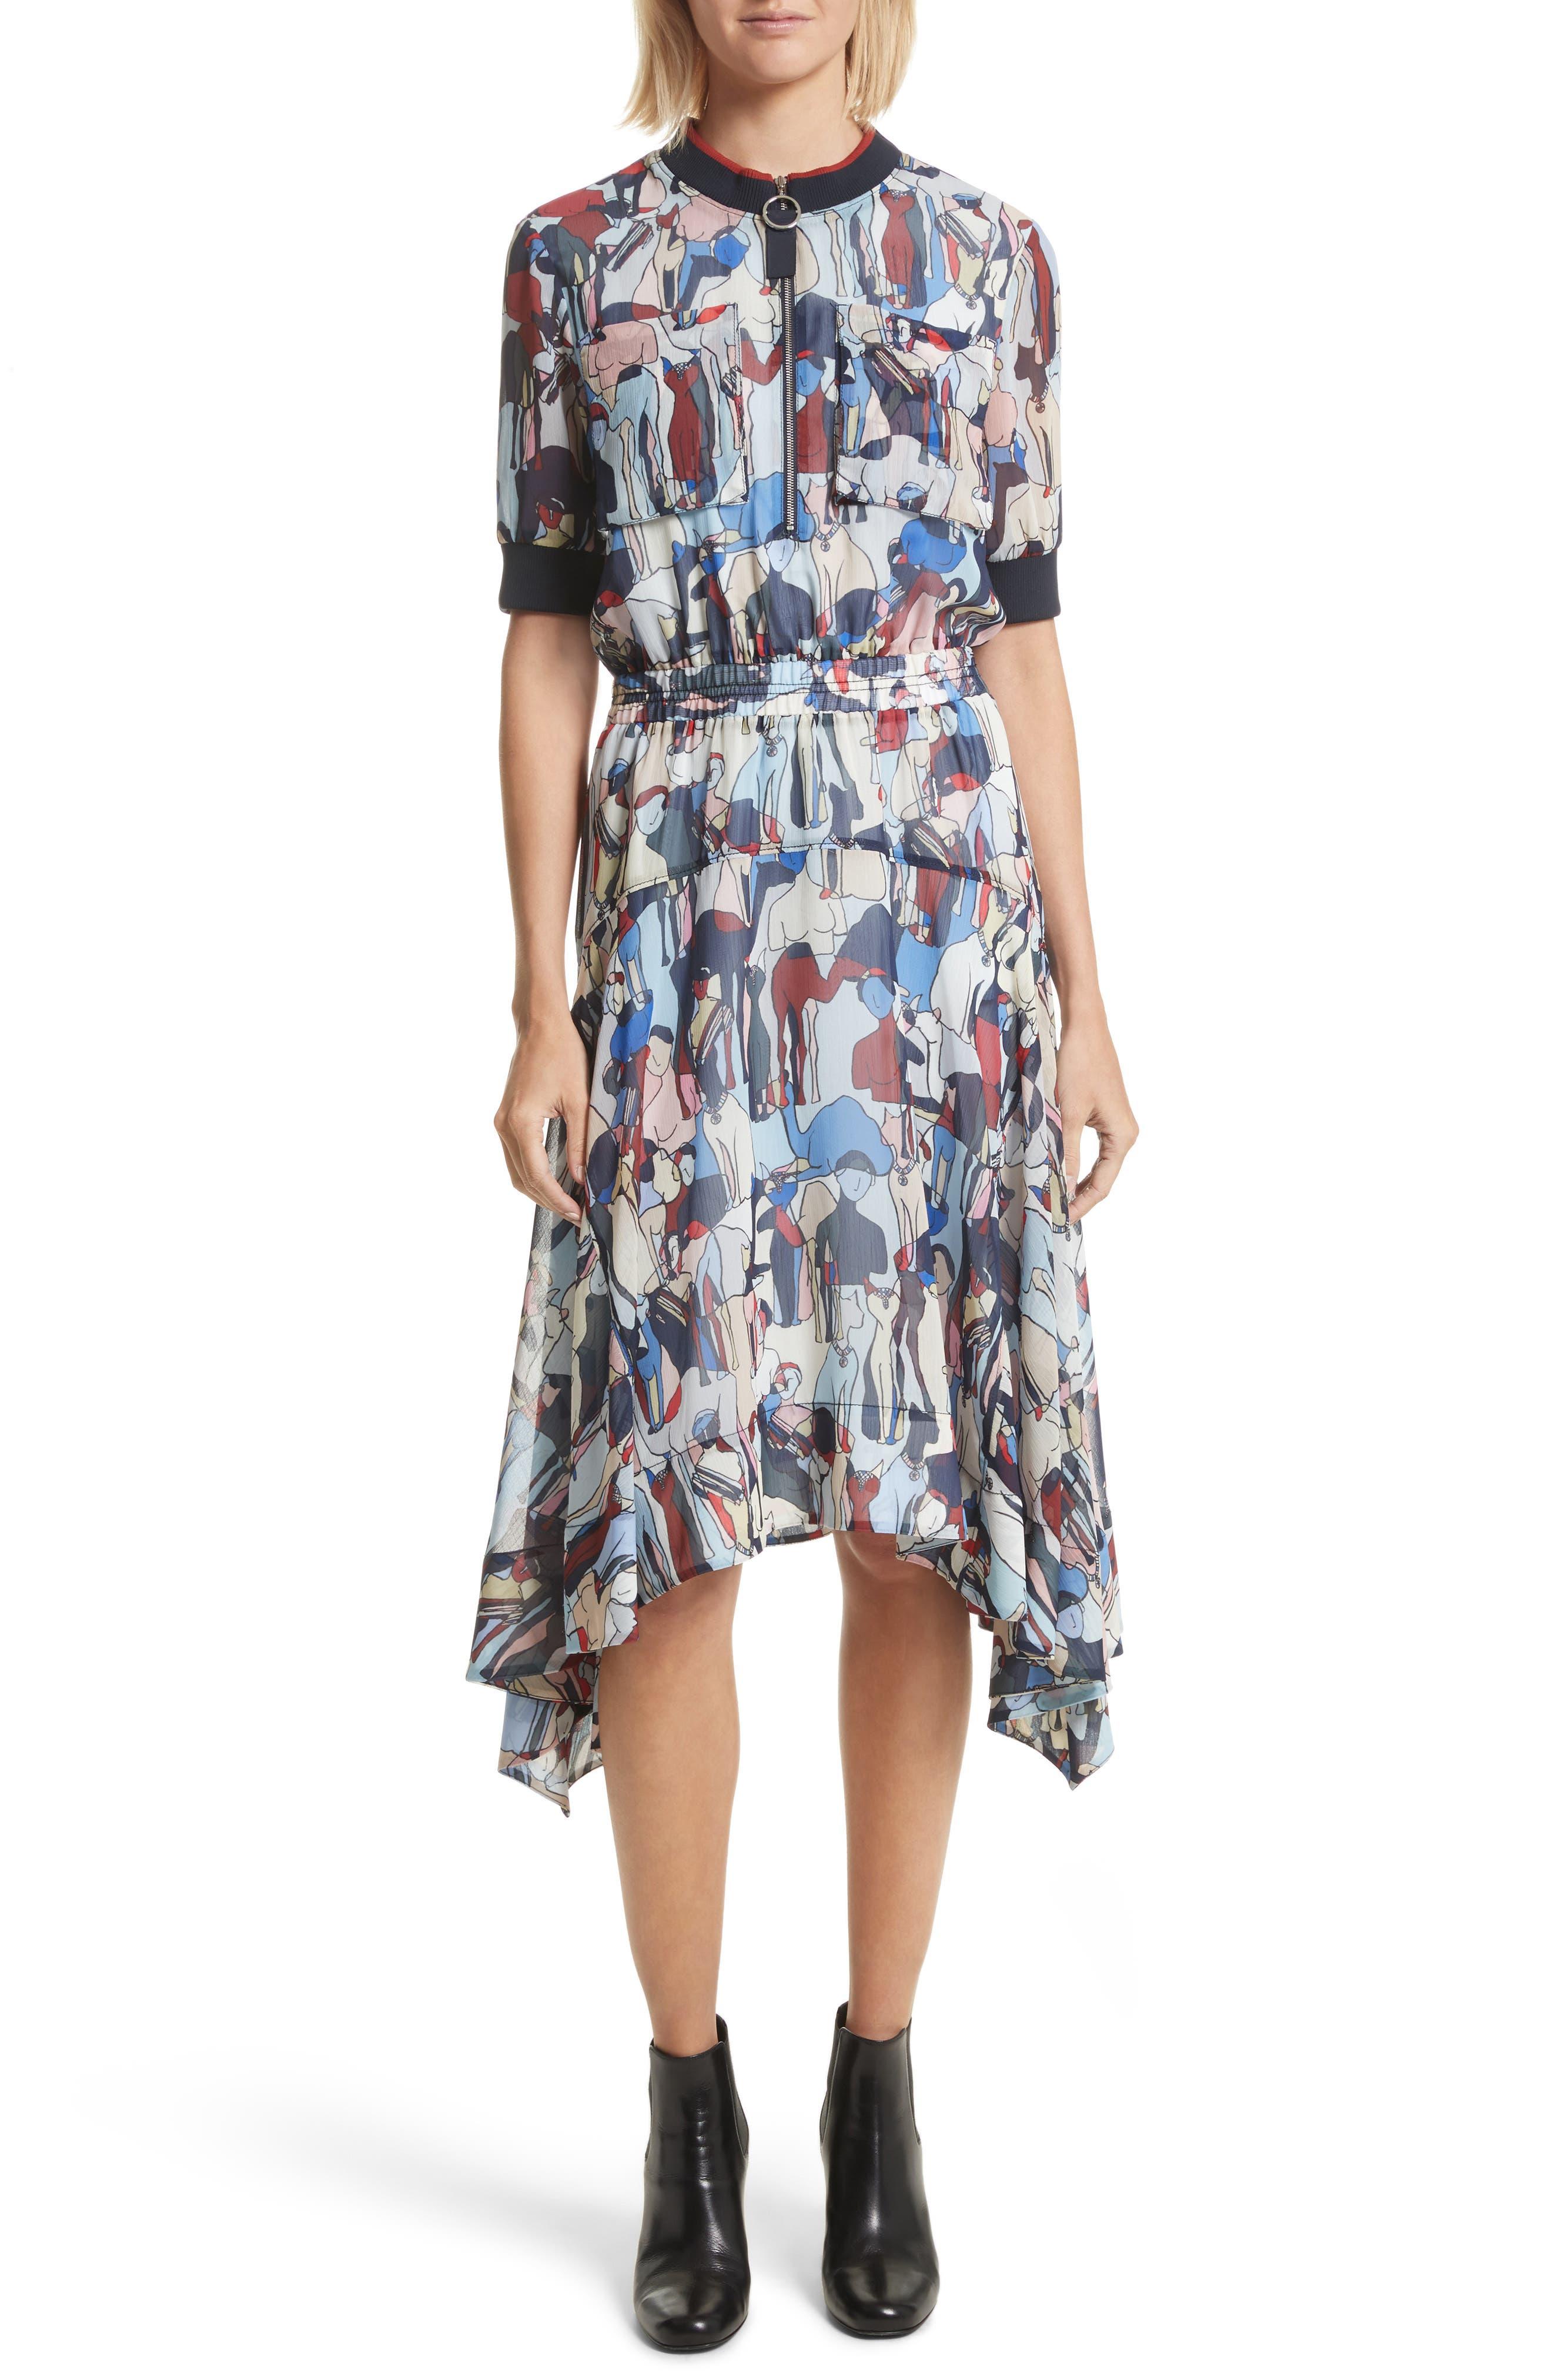 Alternate Image 1 Selected - GREY Jason Wu Print Handkerchief Hem Dress